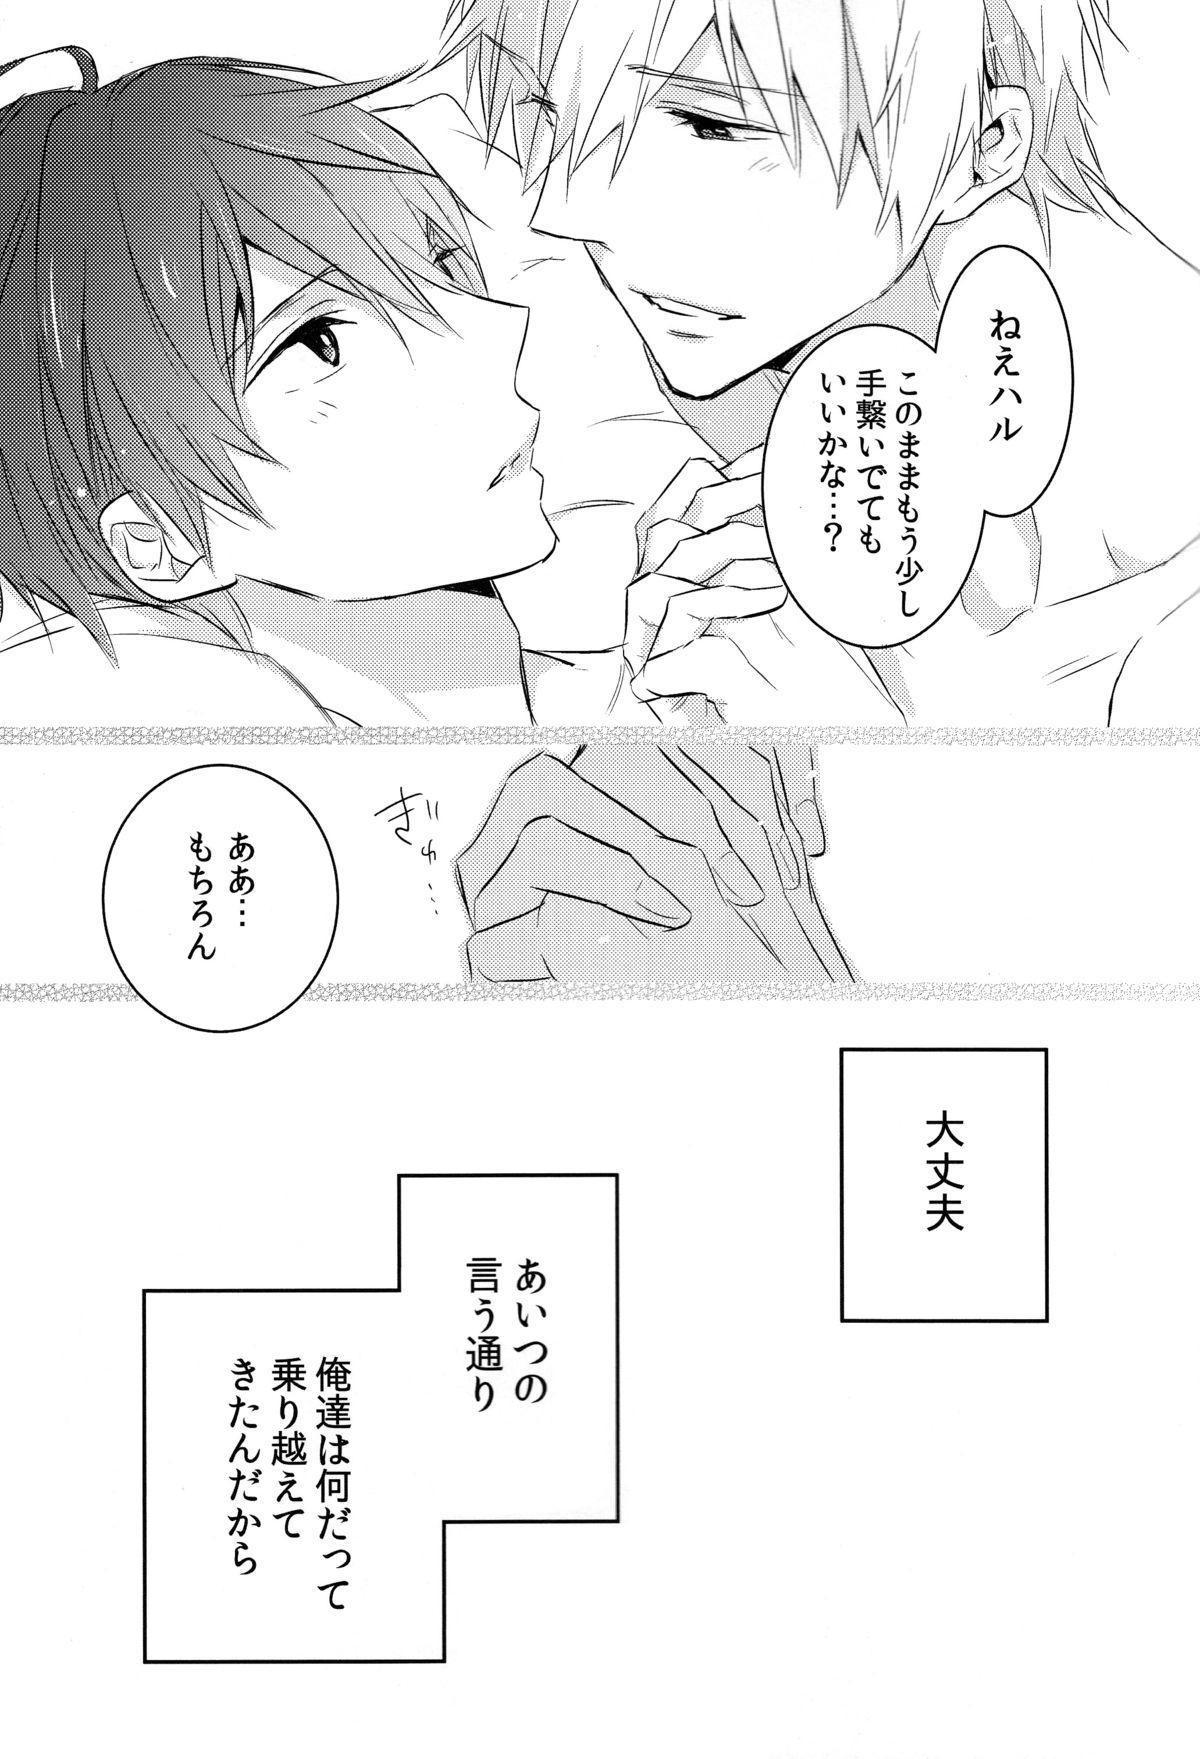 Futari no Makoto 27